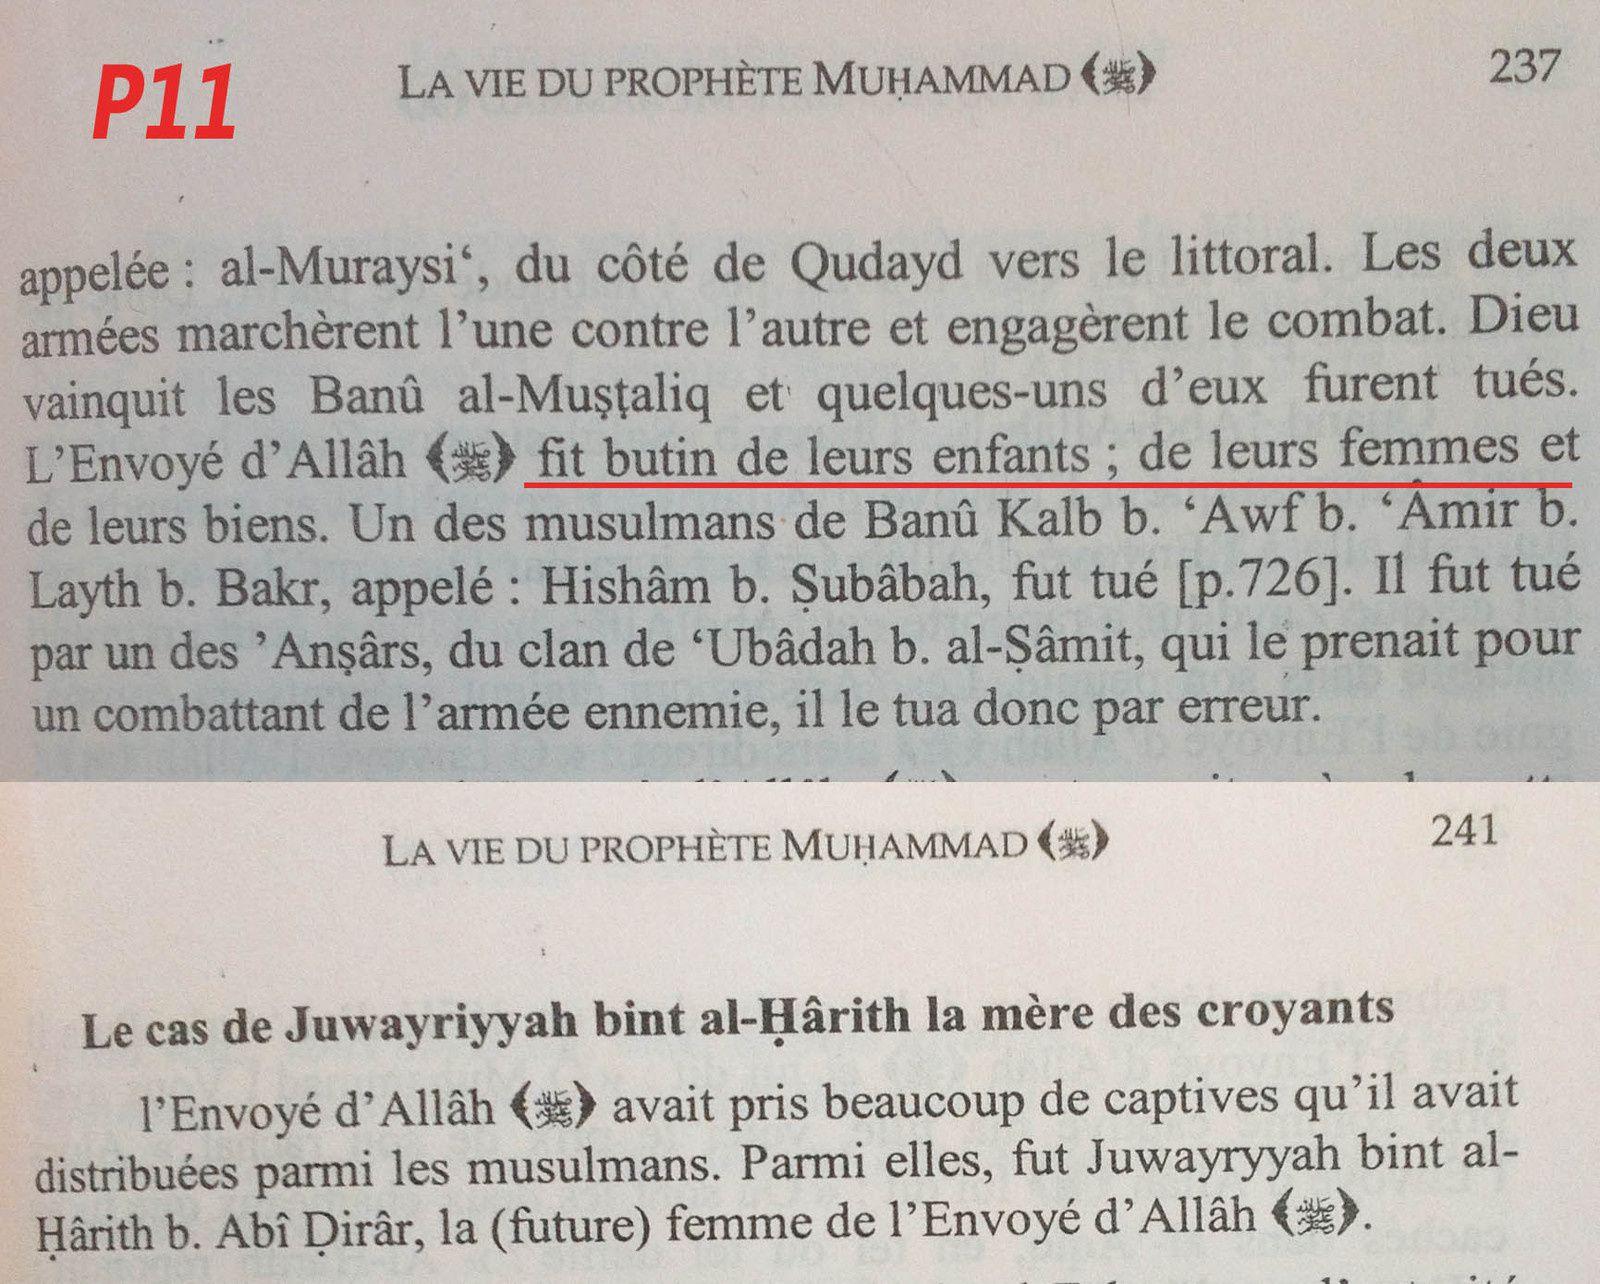 khadija femme de mahomet